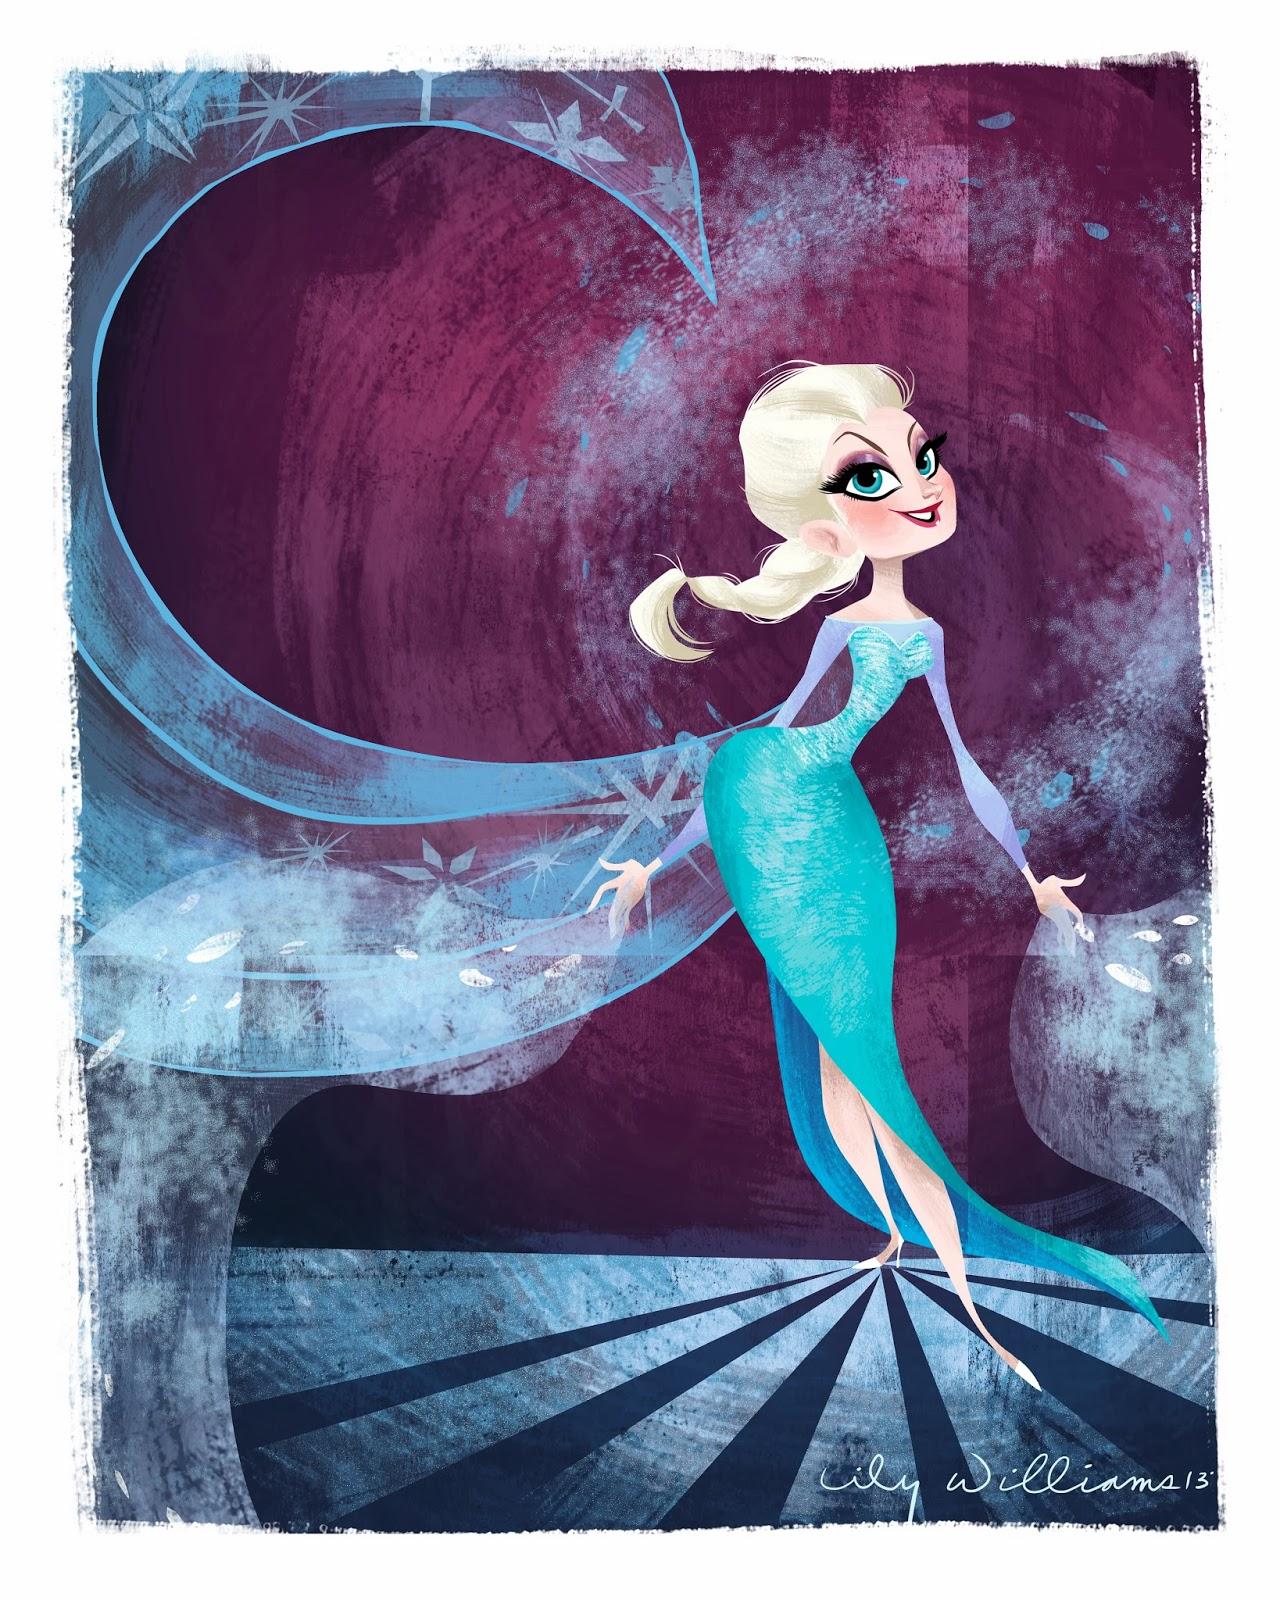 Frozen_elsa_boarder_lilywilliams